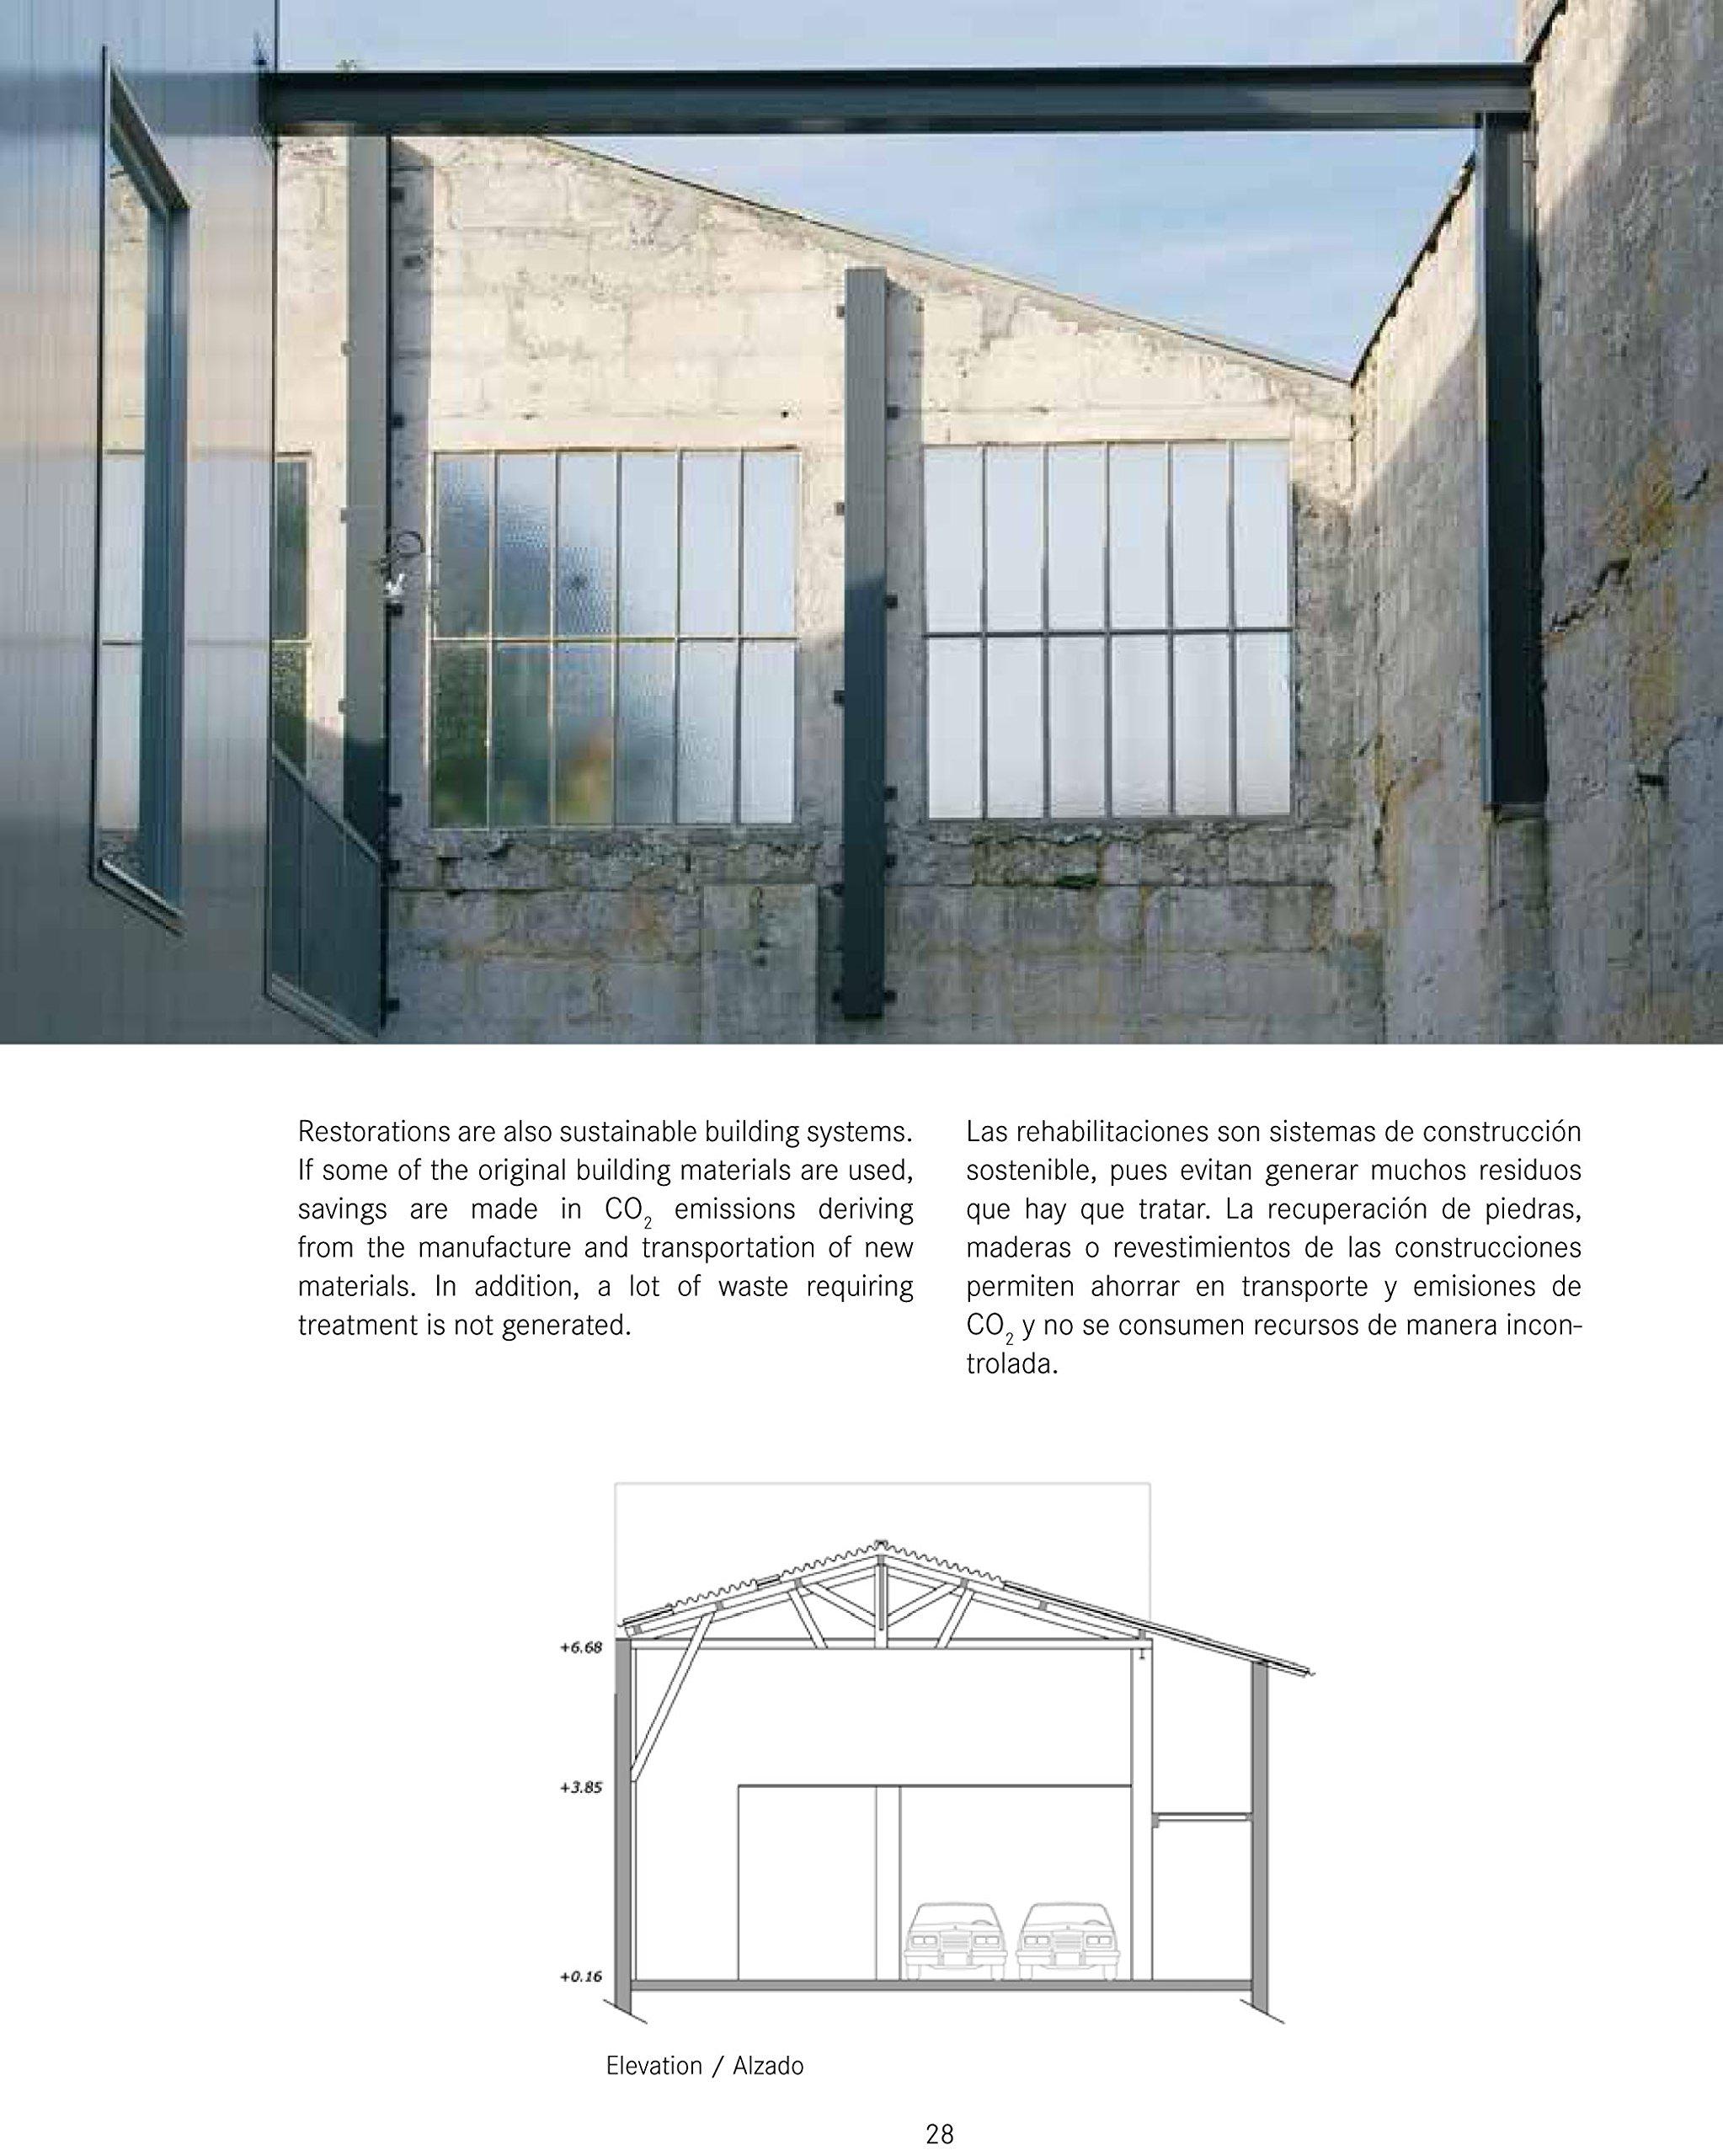 Good Ideas for Alternative Homes: Amazon.es: Instituto Monsa de Ediciones, S.A.: Libros